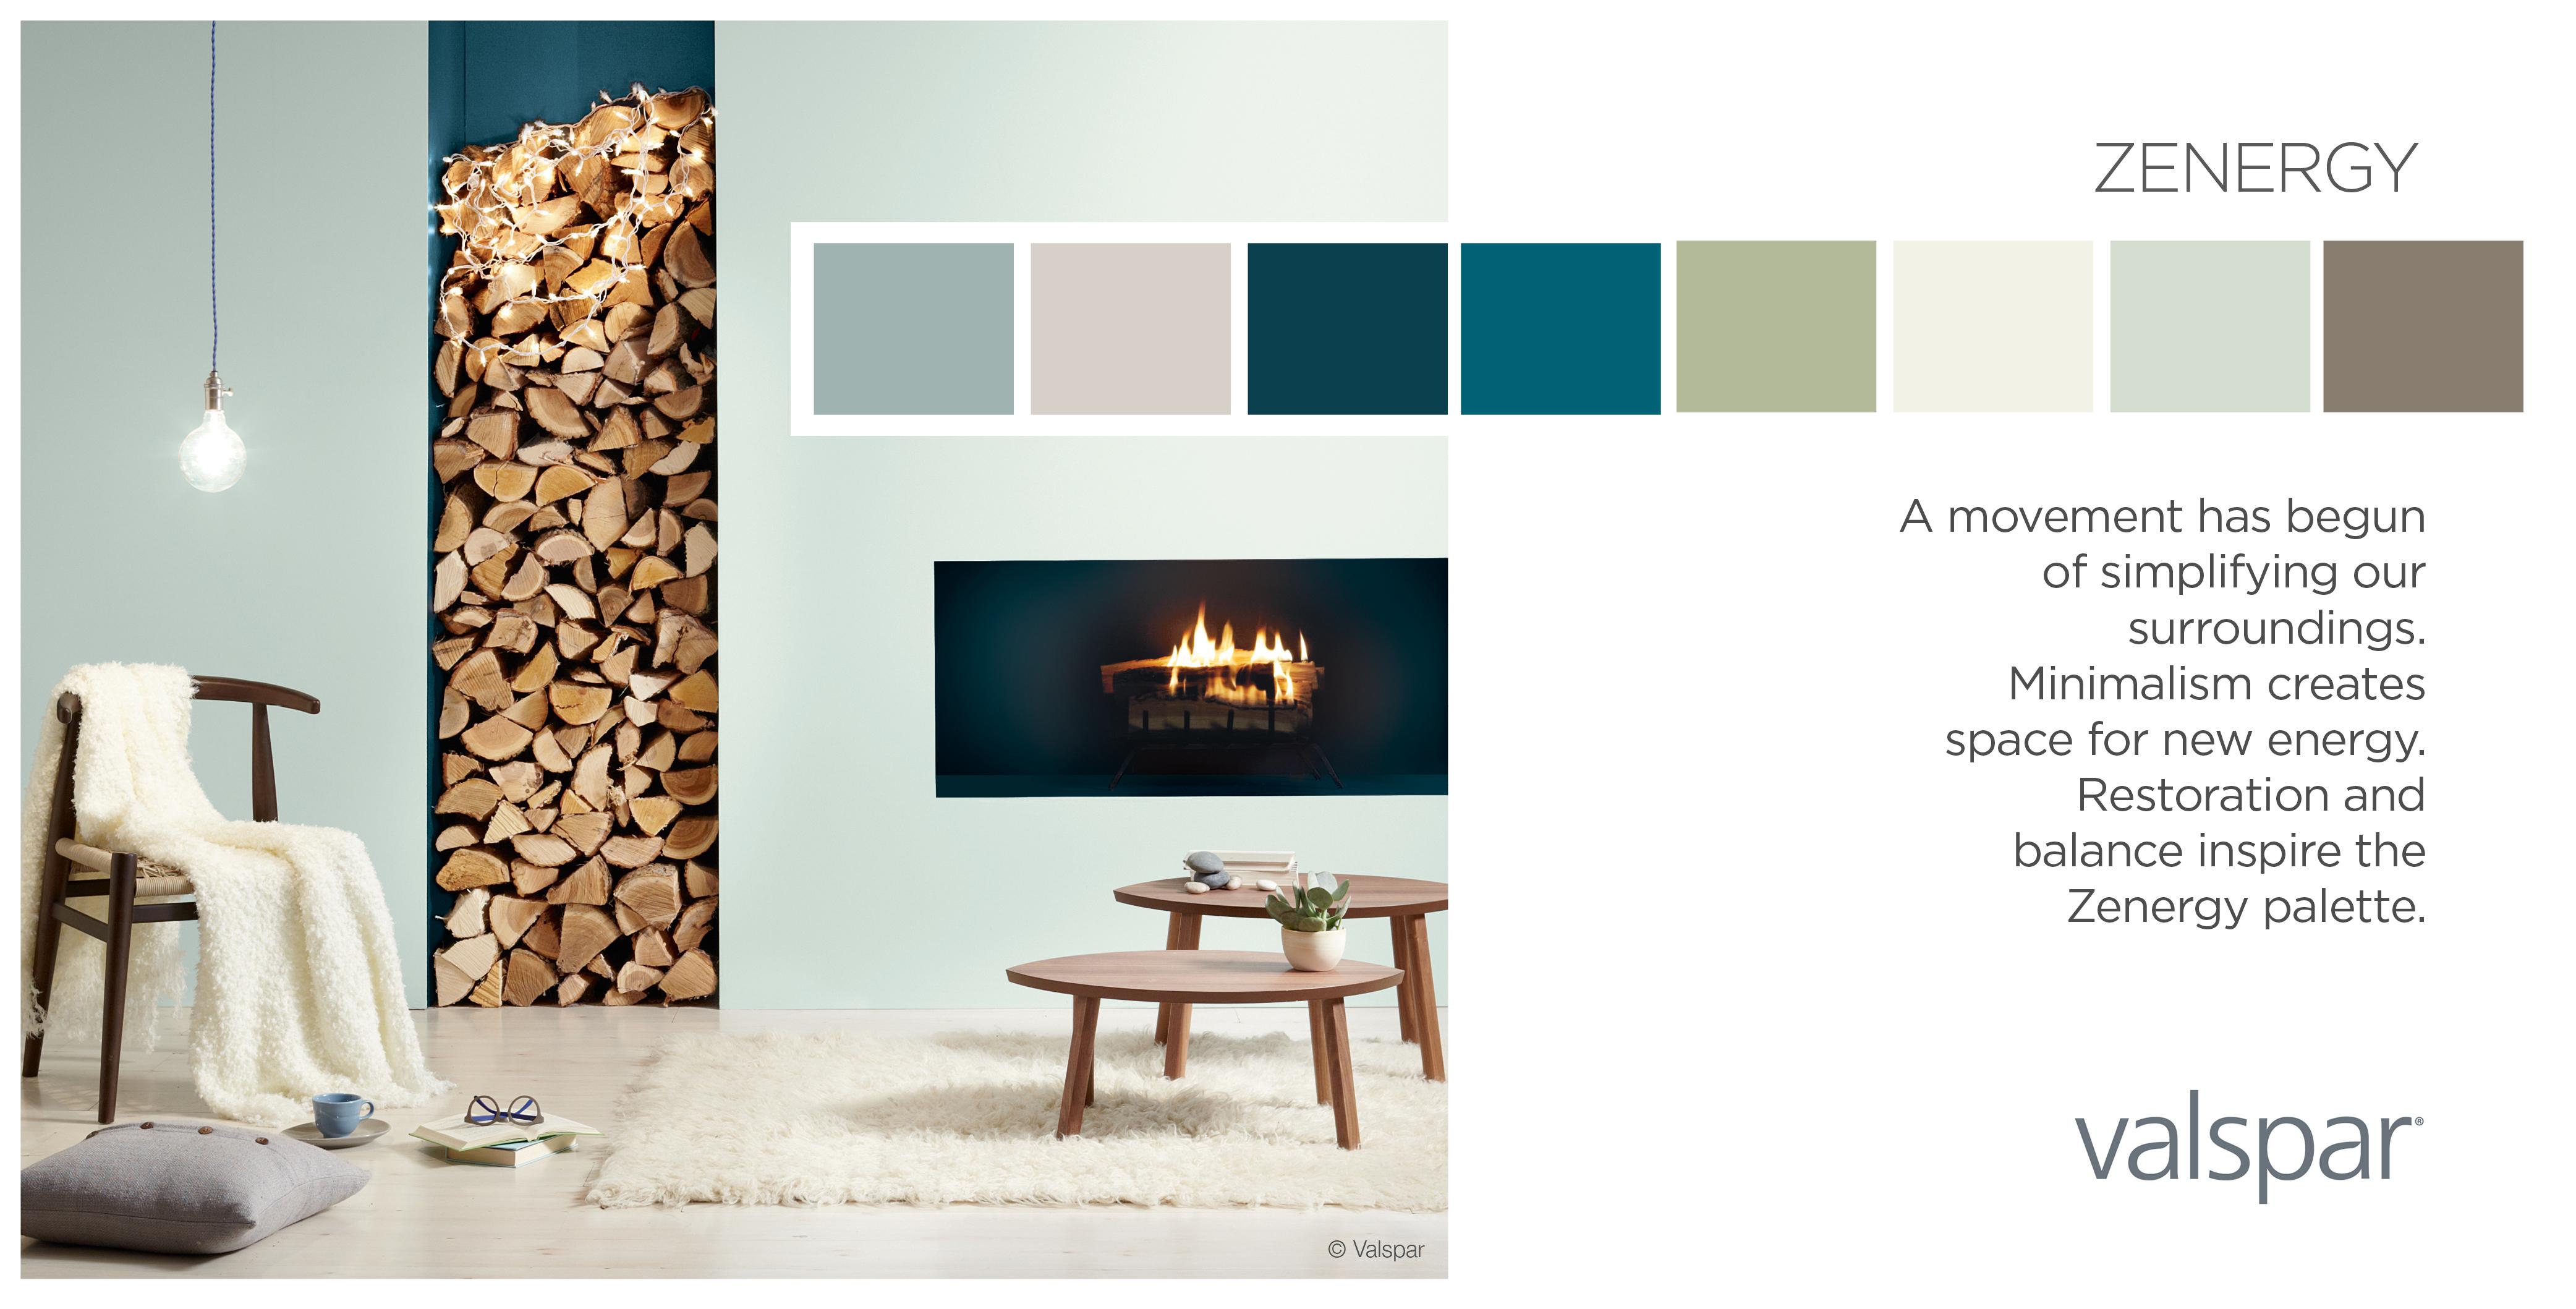 Valspar Paint Unveils 2014 Color Outlook Business Wire